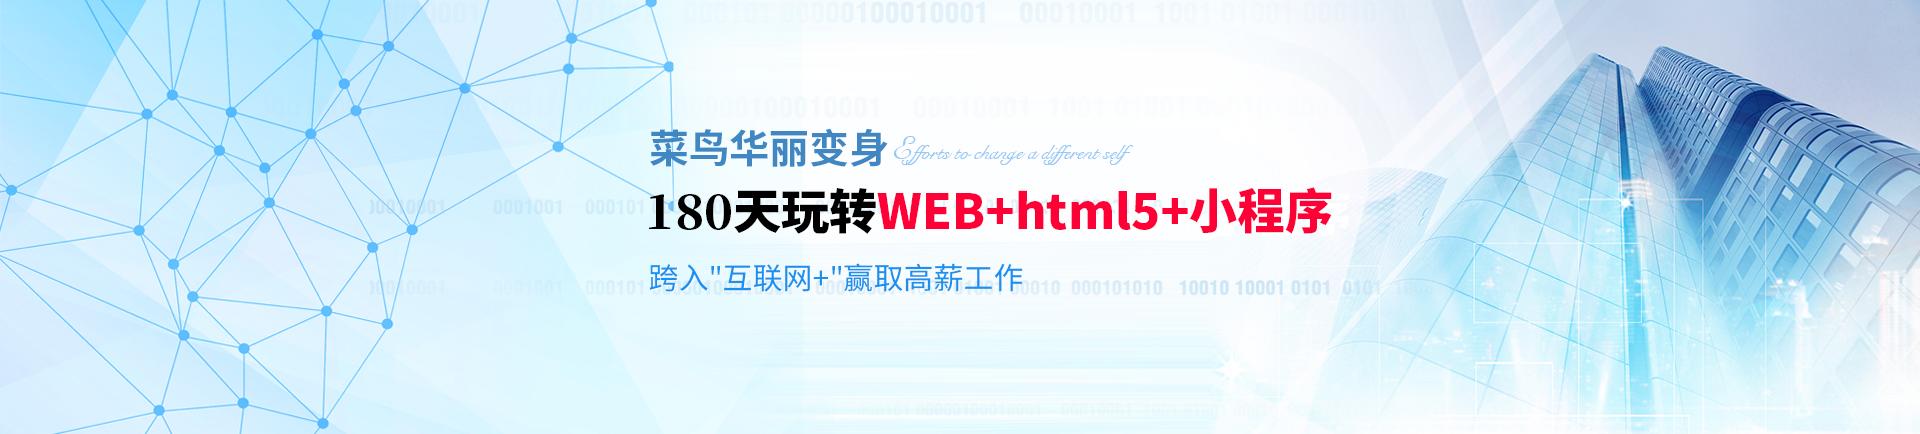 180天玩转WEB+html5+�程� 跨入互�网+挑战高薪-shx